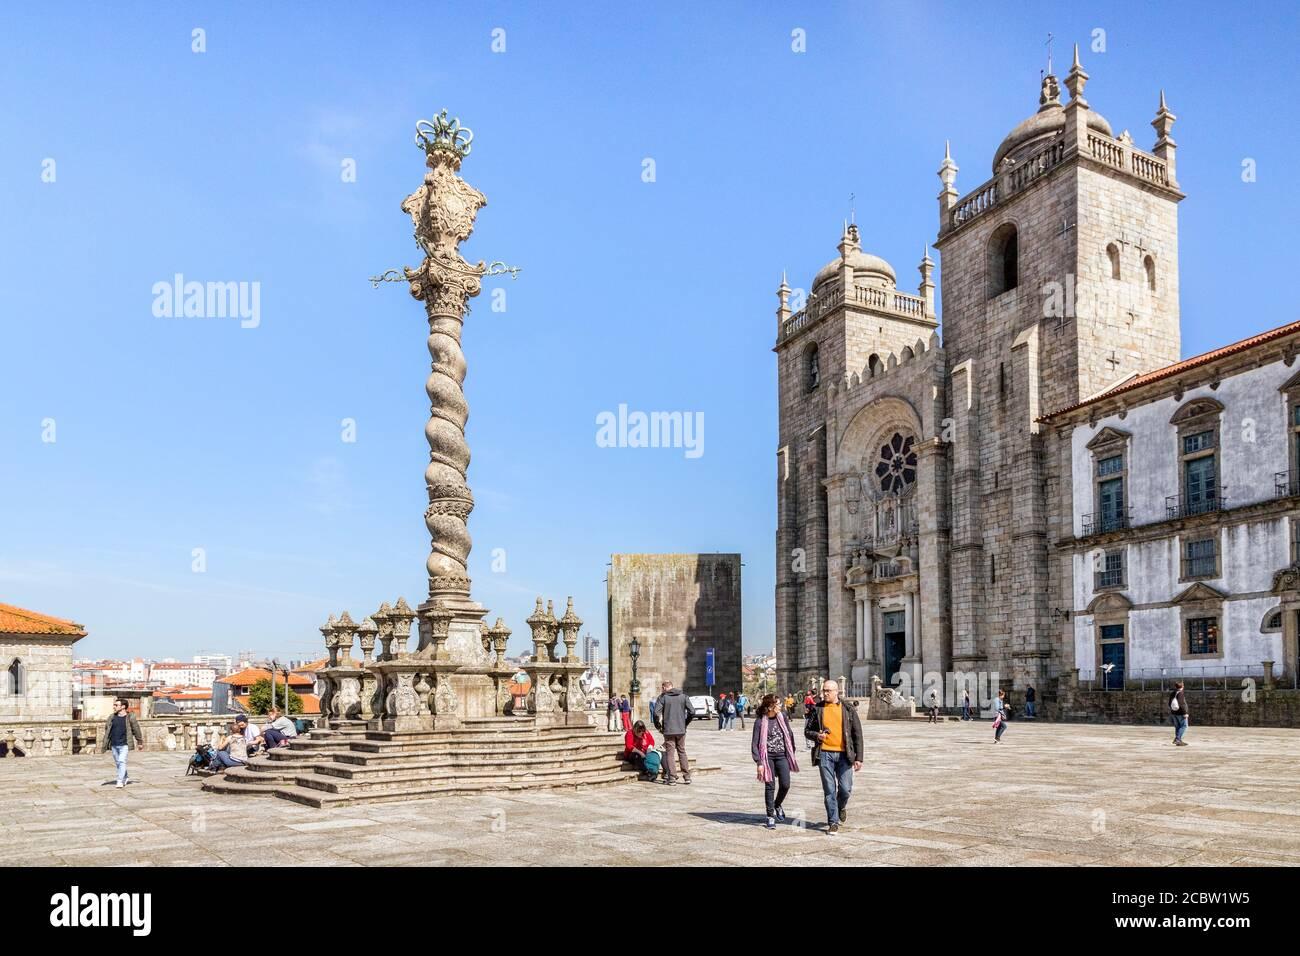 10 de marzo de 2020: Oporto, Portugal - el Pelourinho o Pillory de Oporto, que se encuentra en la plaza del extremo oeste de la Catedral. Foto de stock